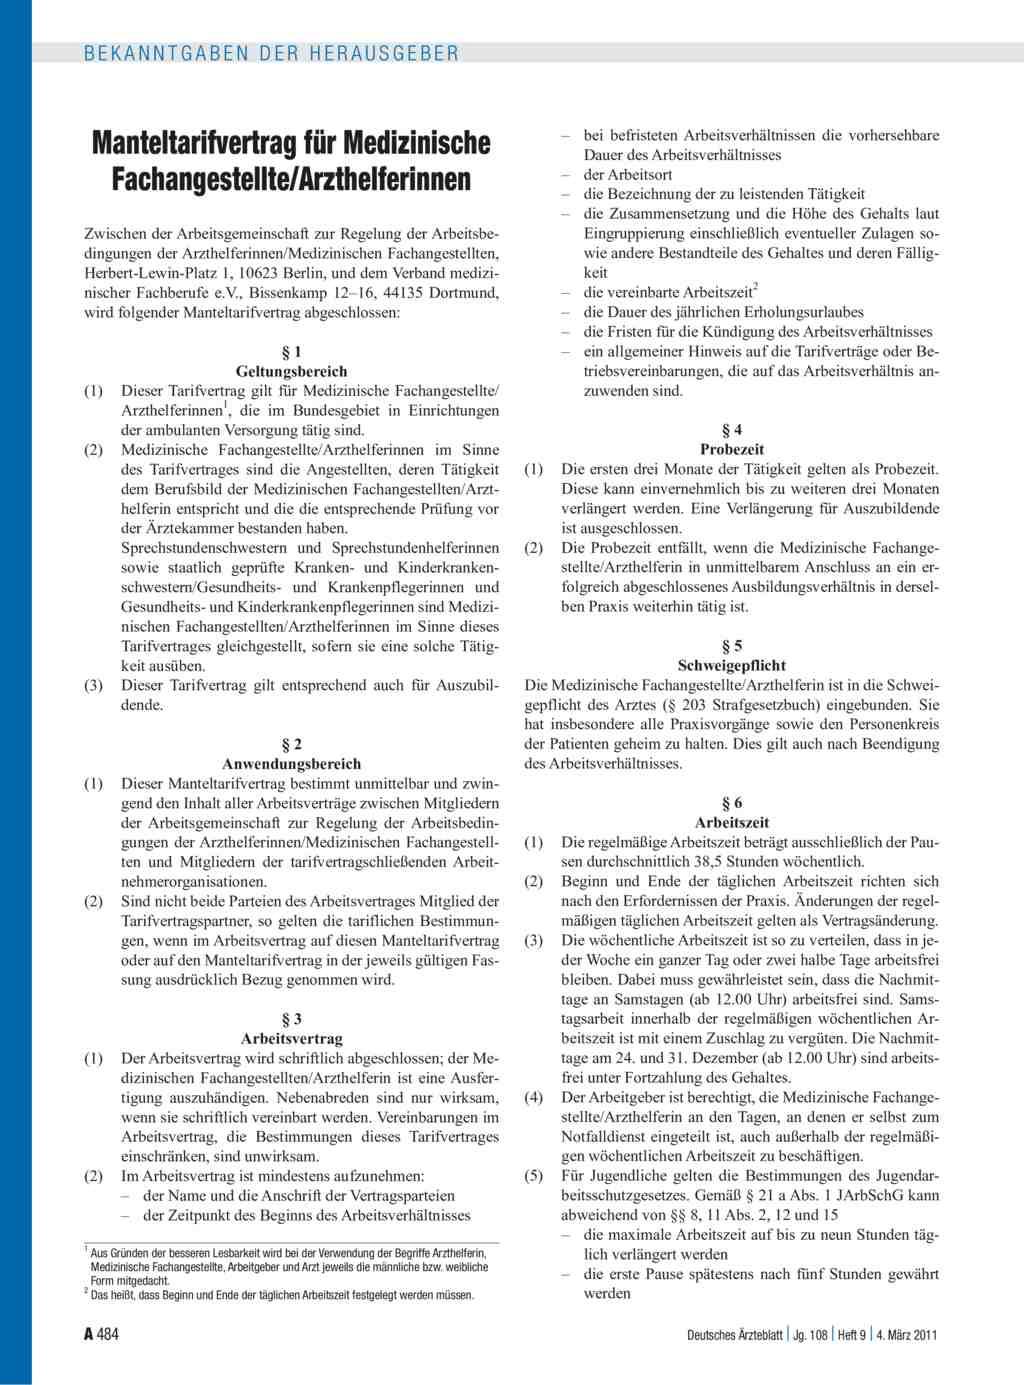 Manteltarifvertrag Für Medizinische Fachangestellte